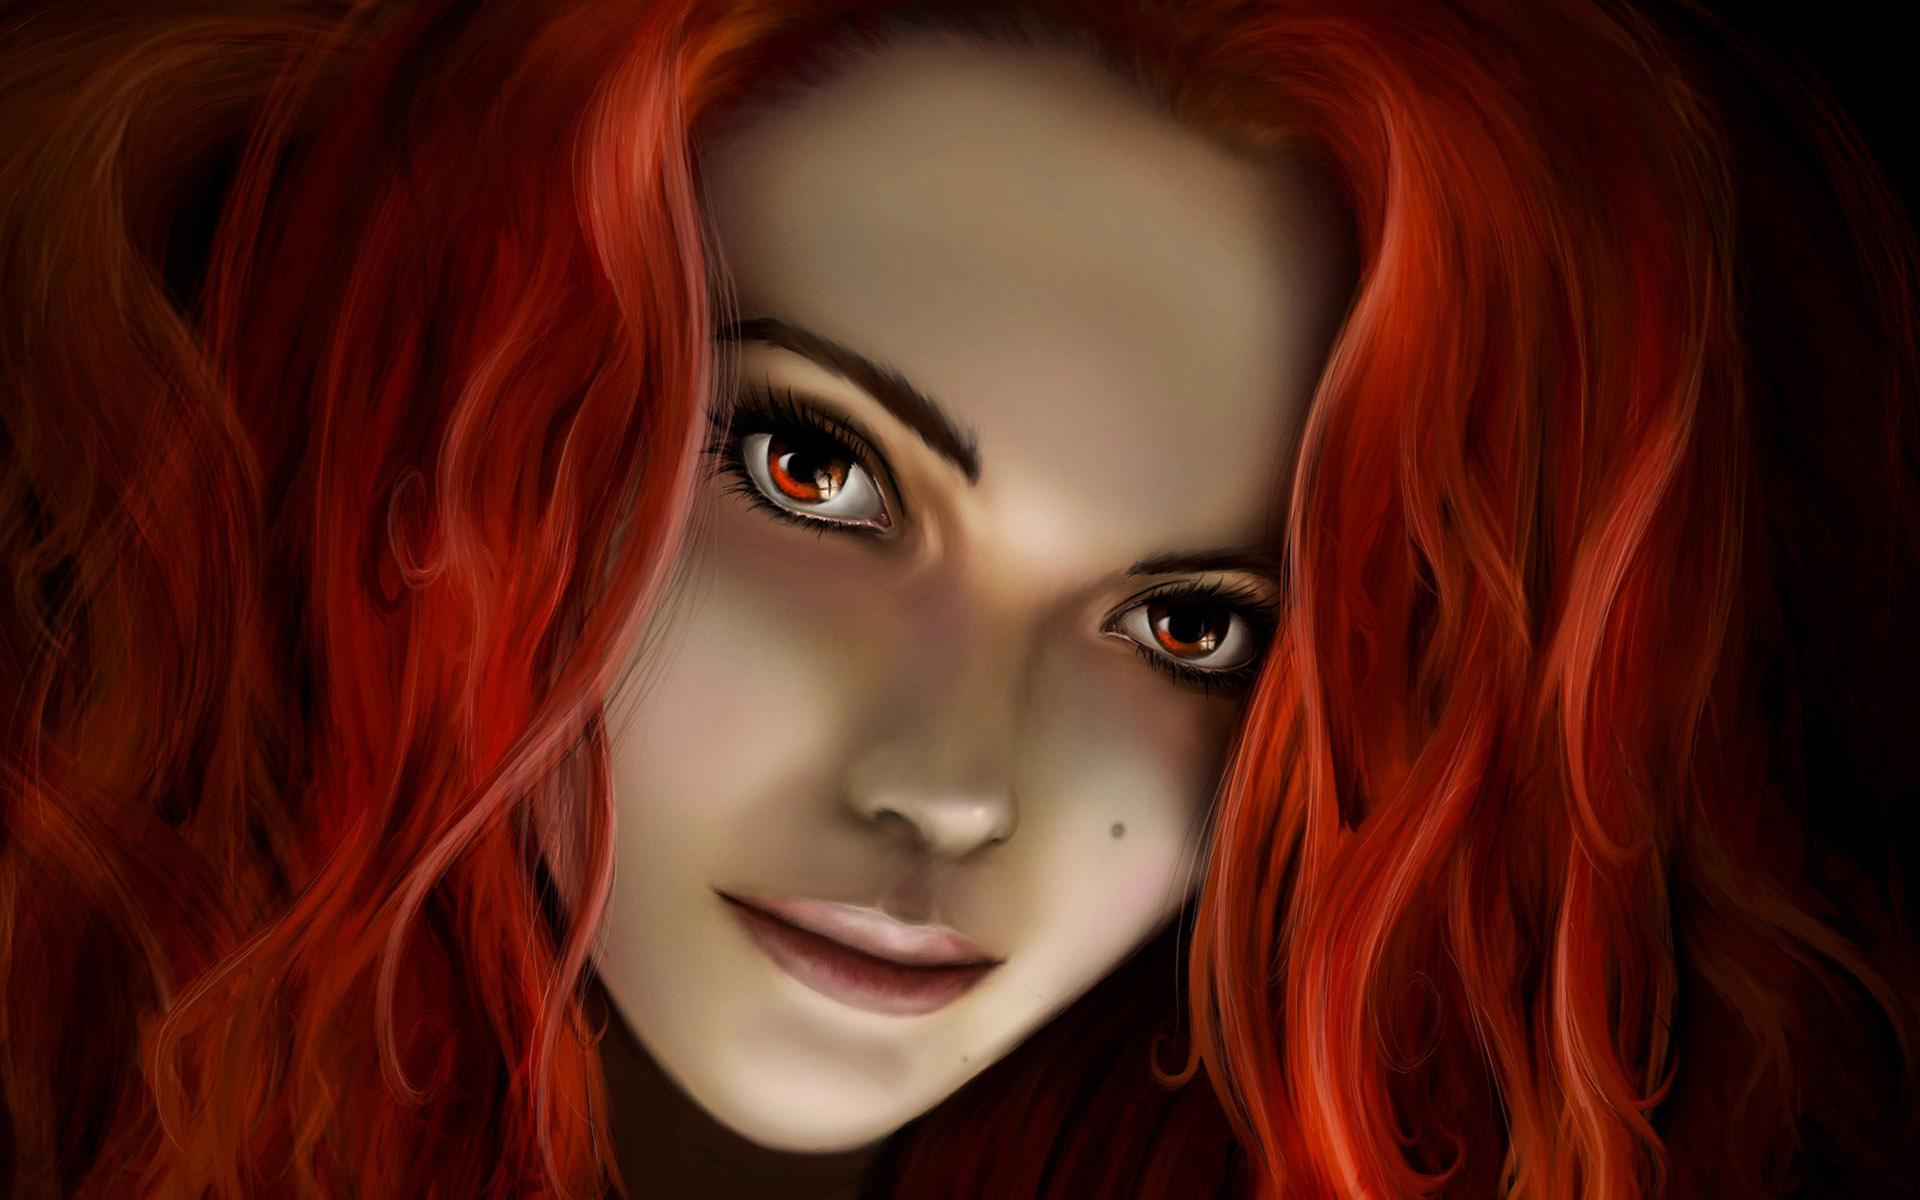 Фото рыжая девушка фэнтези 19 фотография